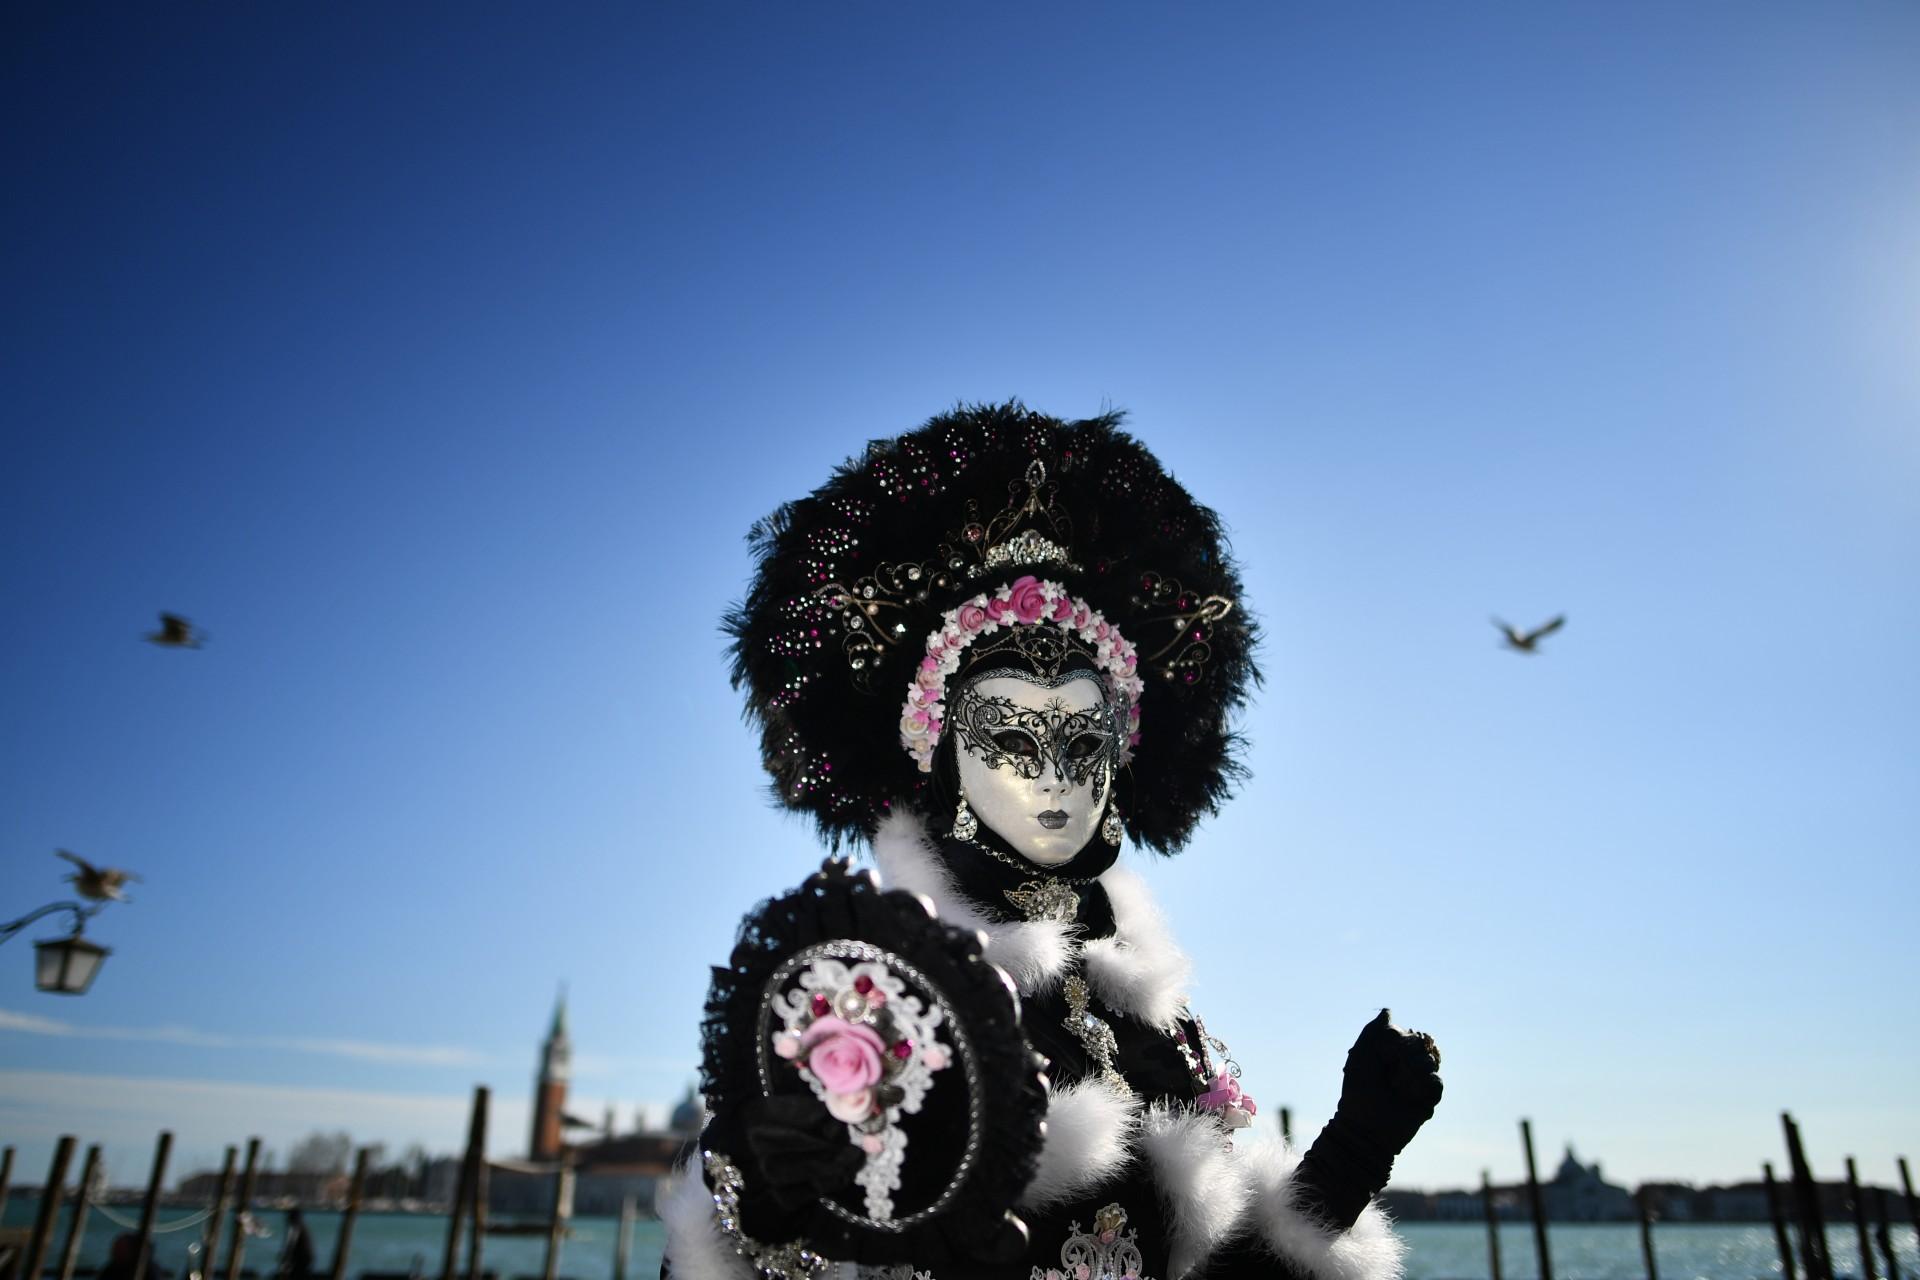 Un juerguista con una máscara y un traje de época participa en el Carnaval de Venecia el 23 de febrero de 2019 en Venecia.